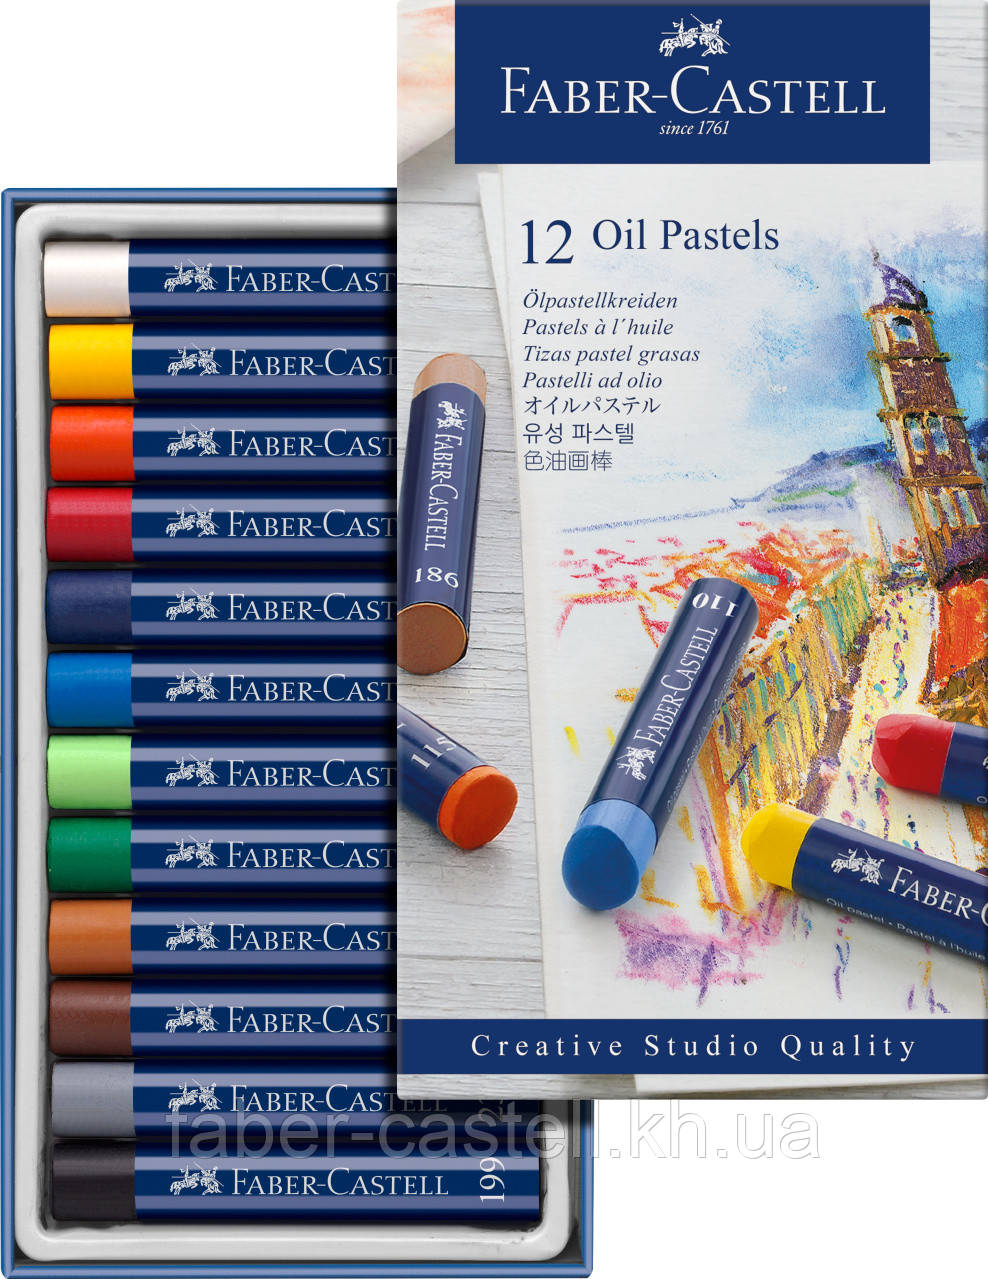 Масляная пастель Faber-Castell Oil Pastels, 12 цветов, 127012